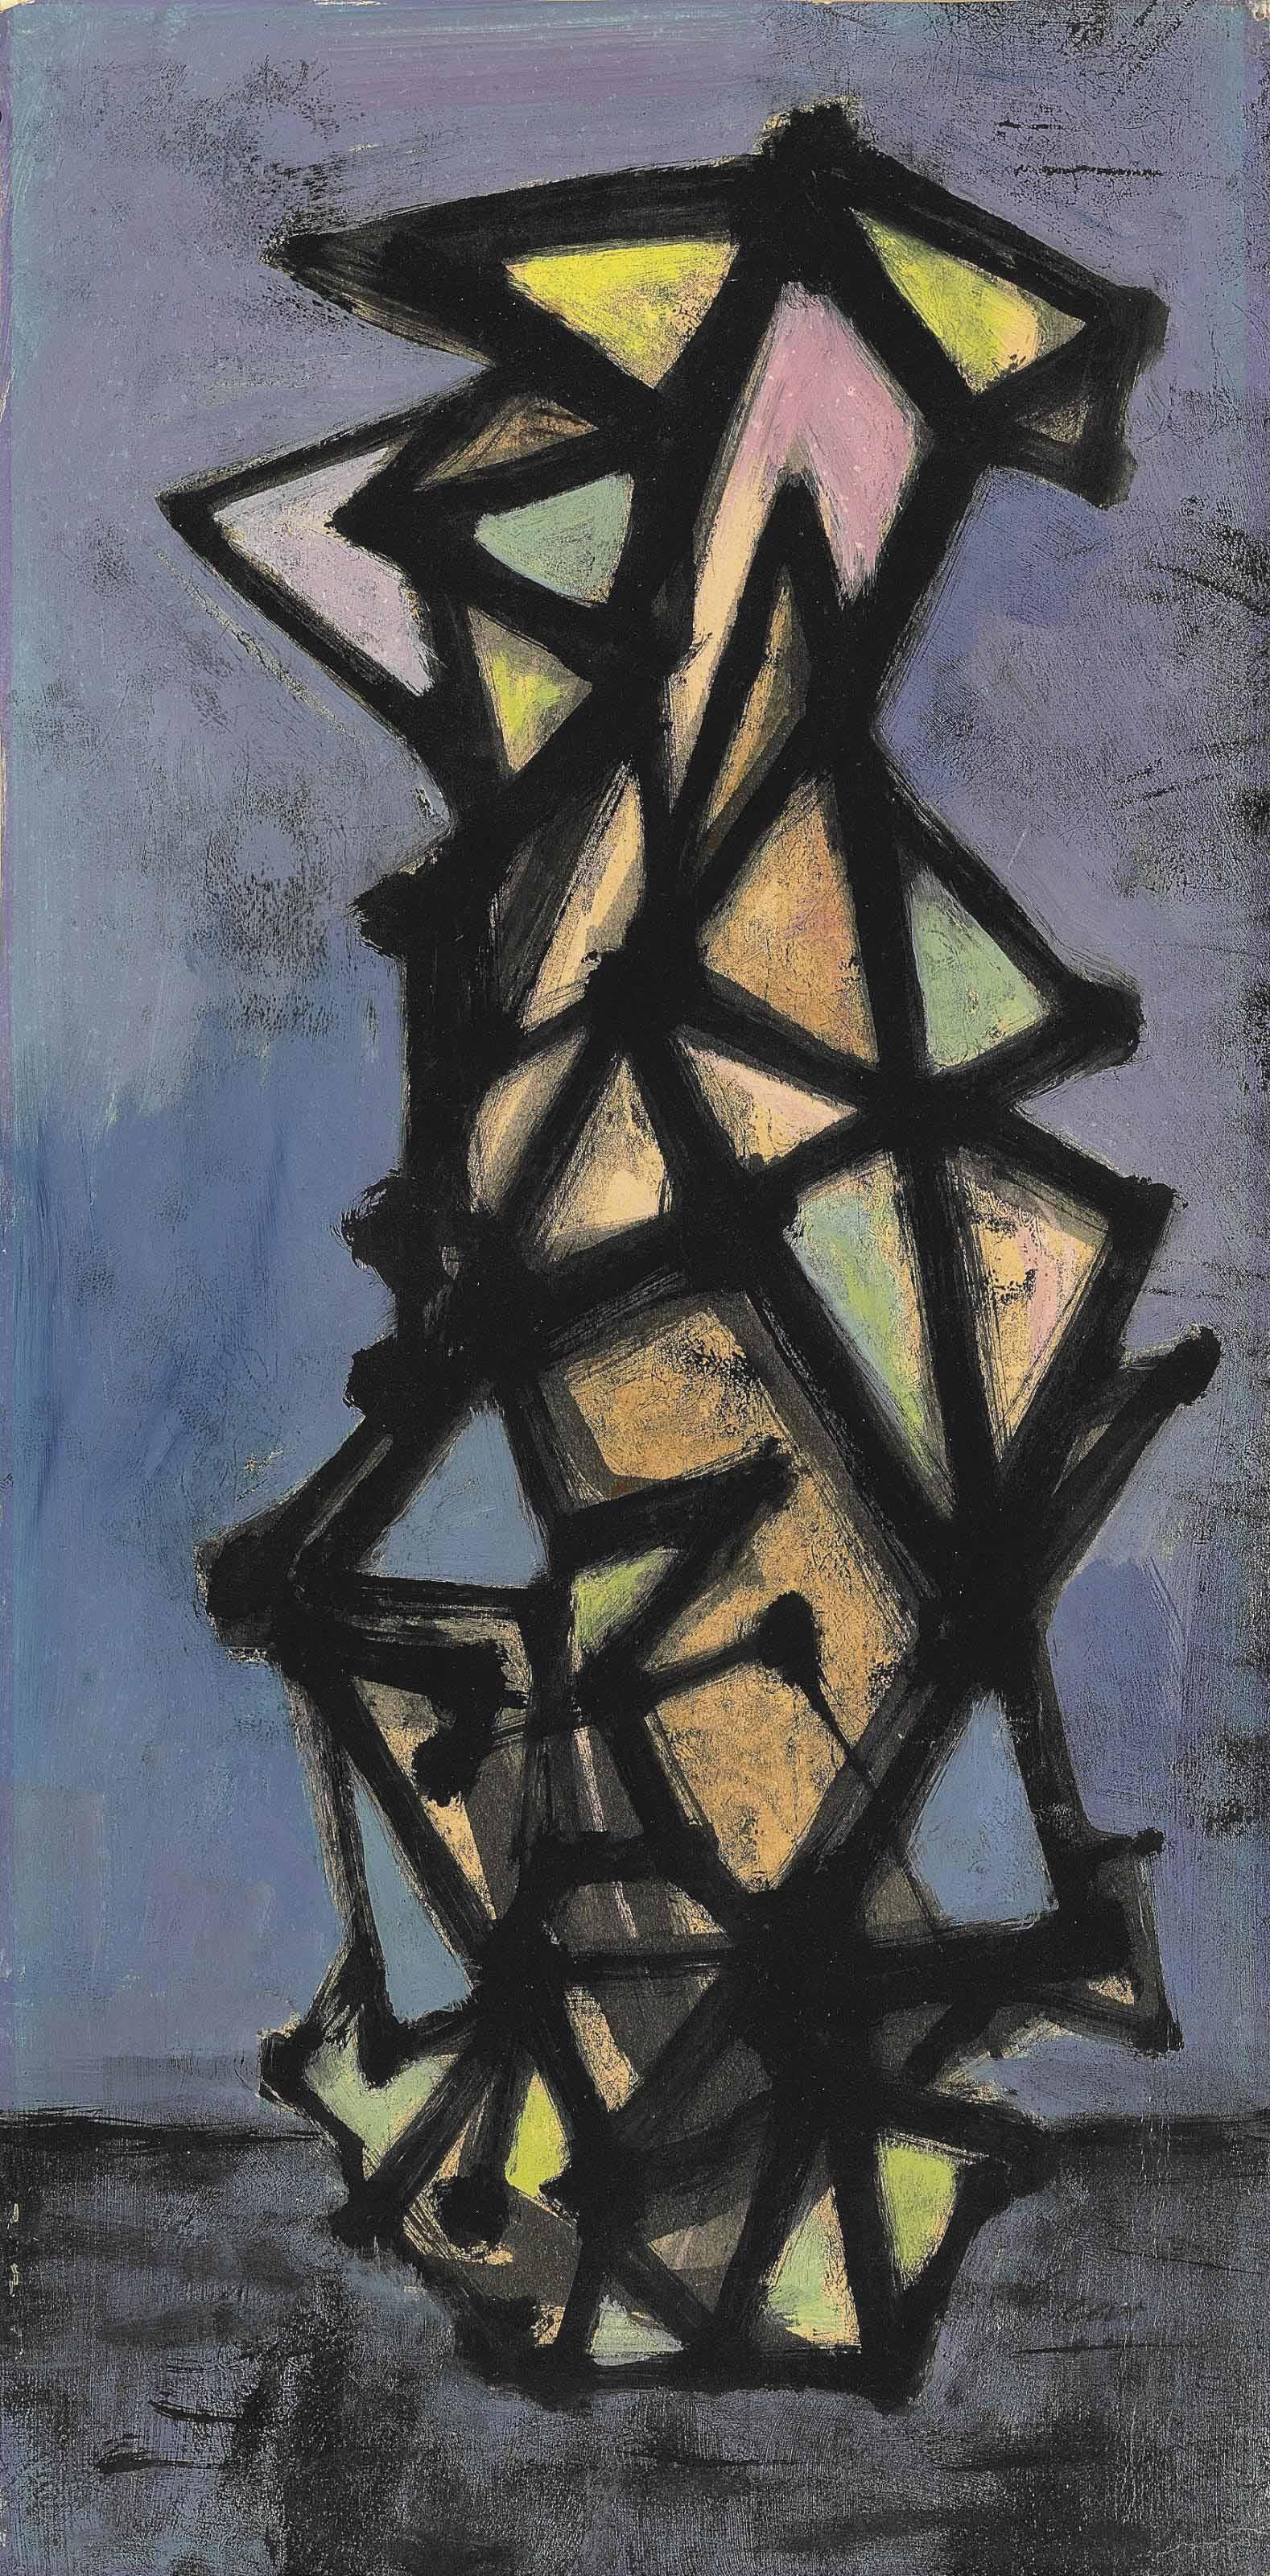 William Gear, R.A. (1915-1997)